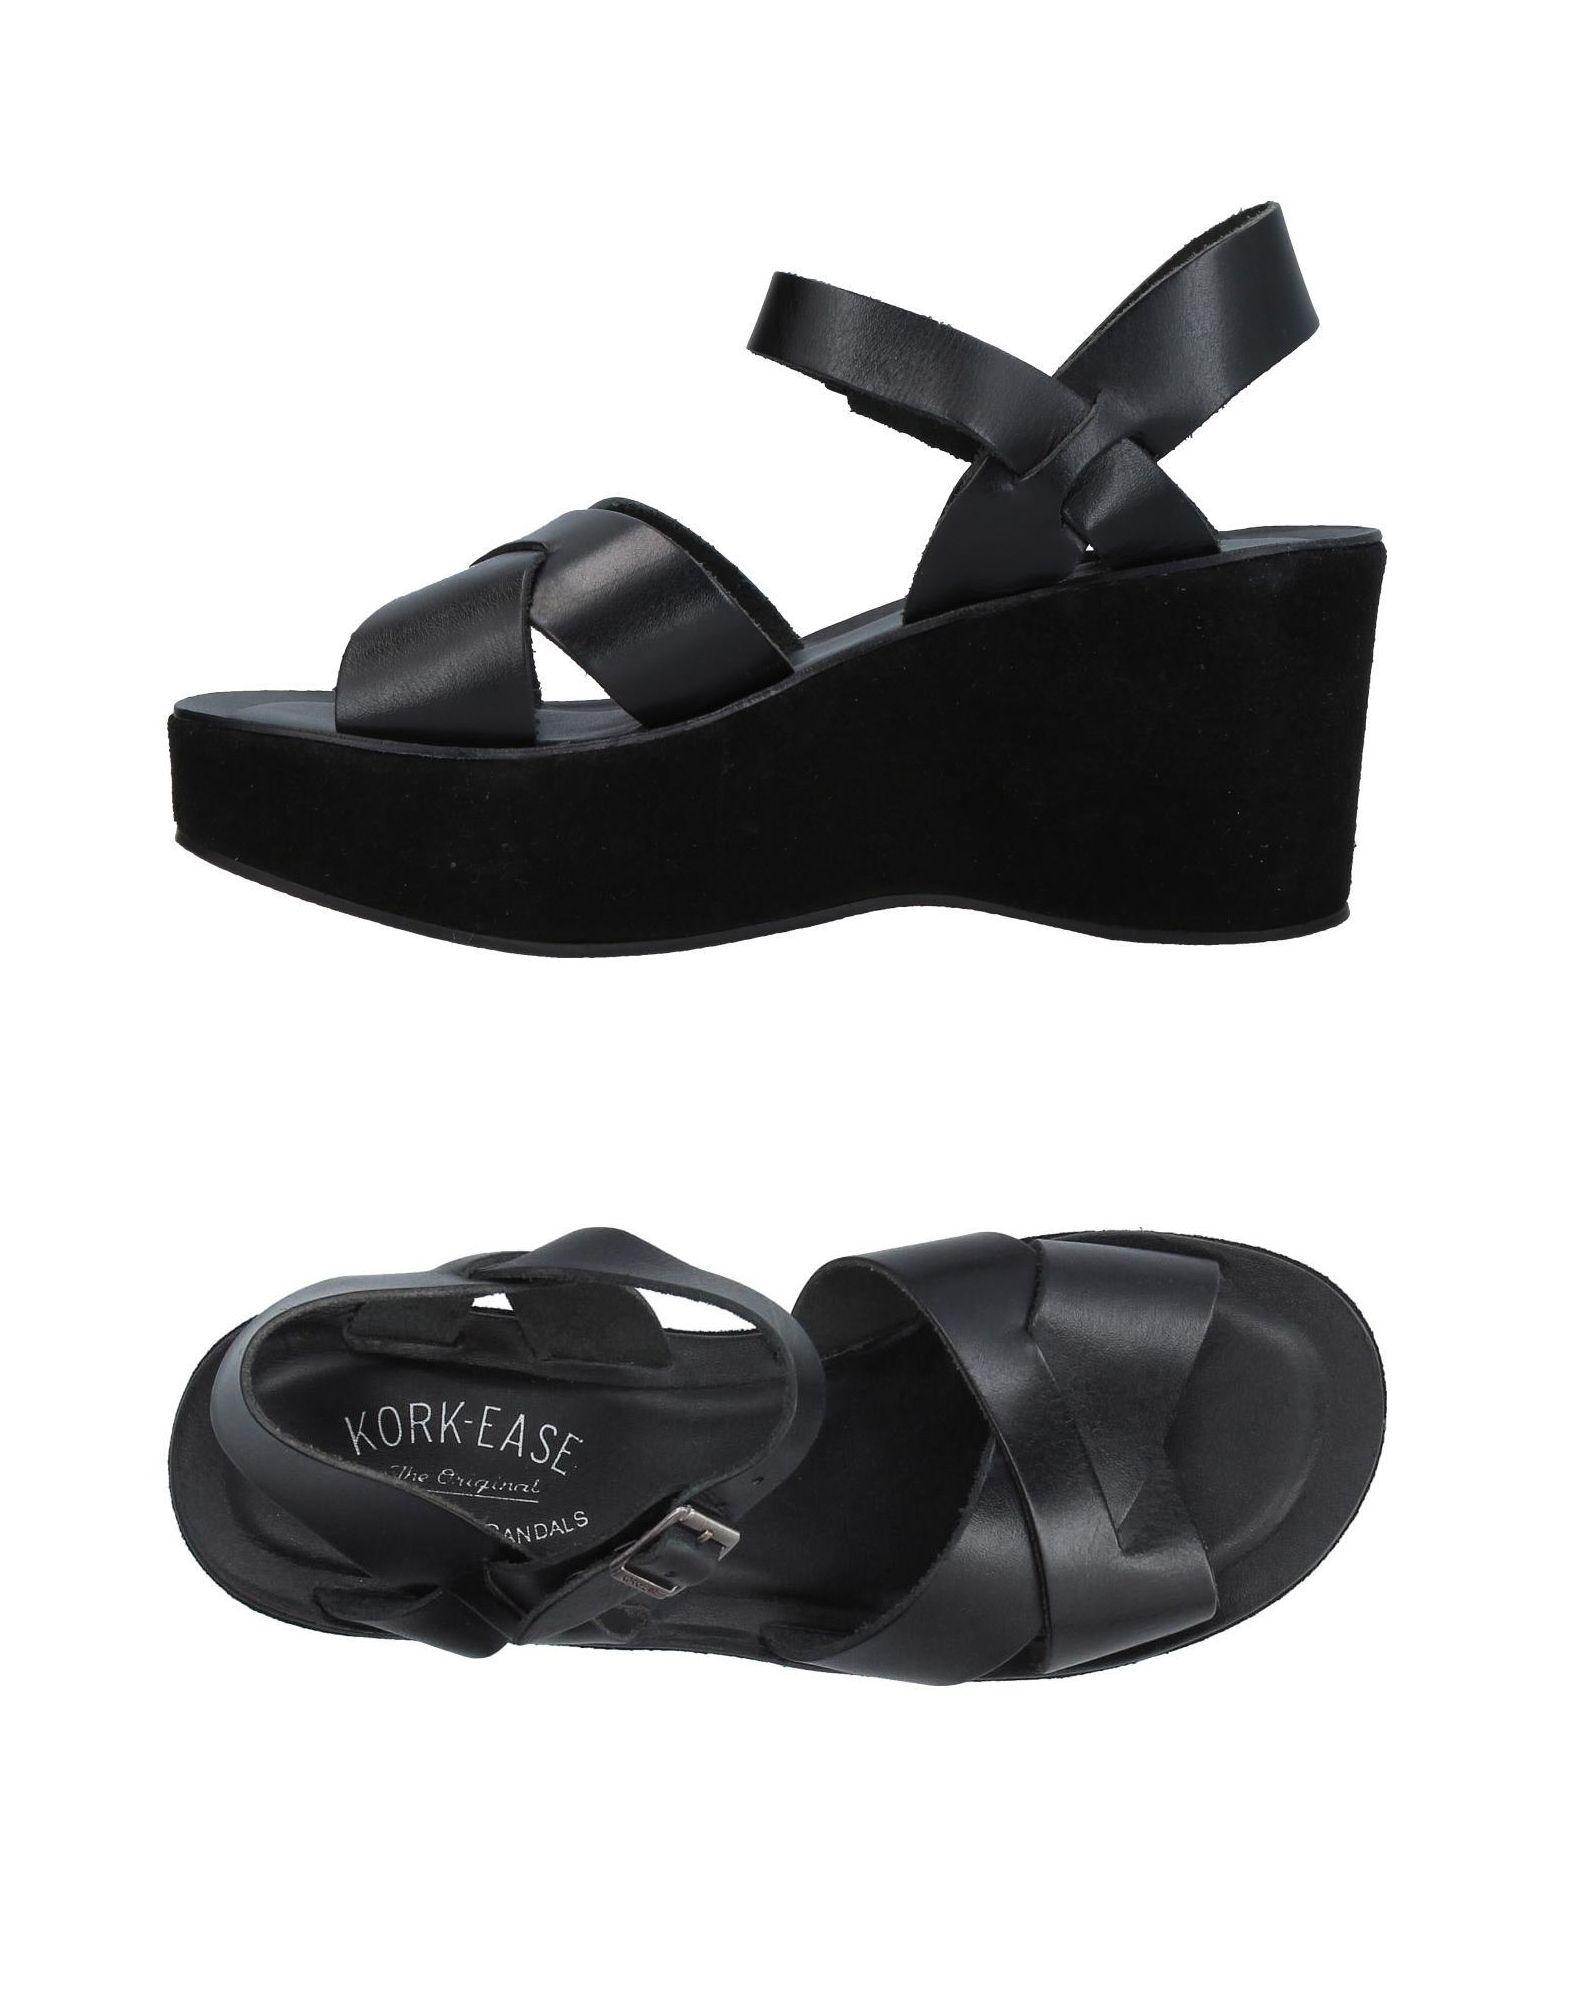 KORK-EASE Damen Sandale Farbe Schwarz Größe 15 jetztbilligerkaufen